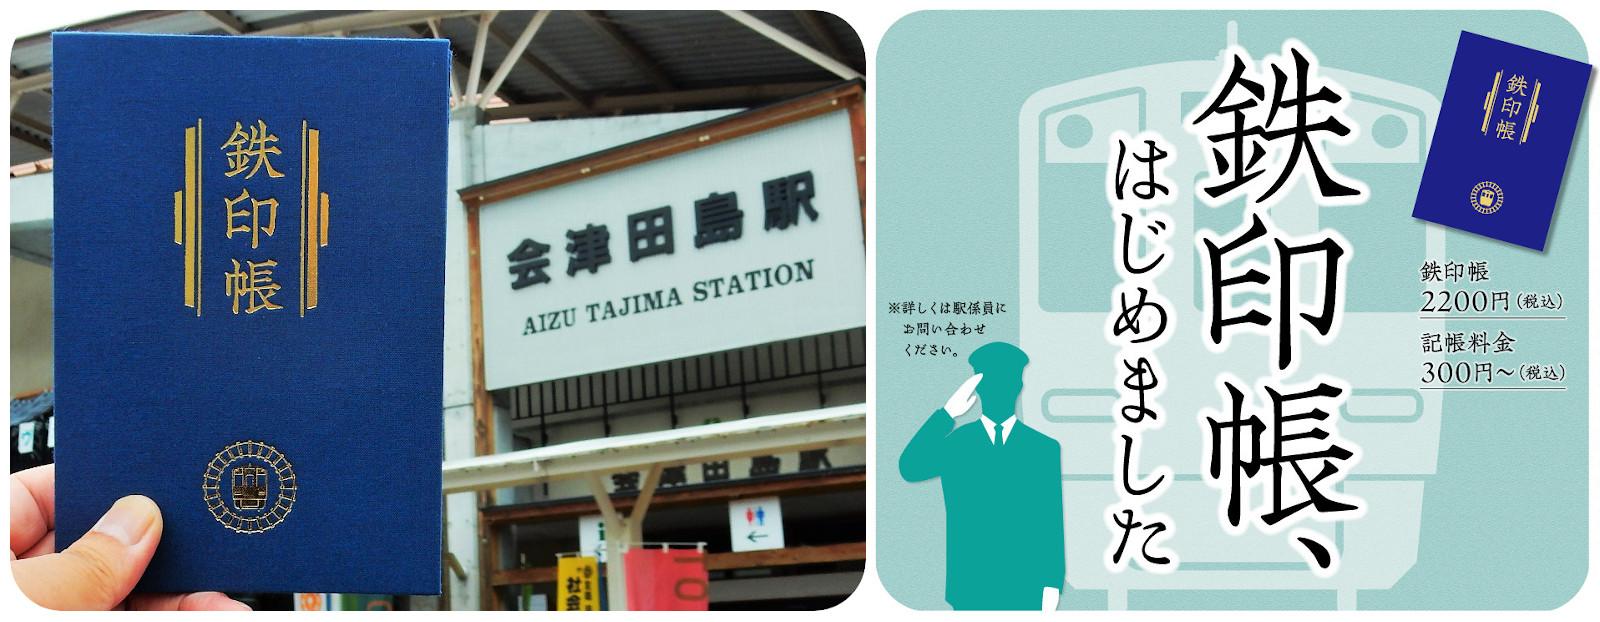 『 鉄印帳 』日本全国40社の第三セクター鉄道会社を巡ろう!